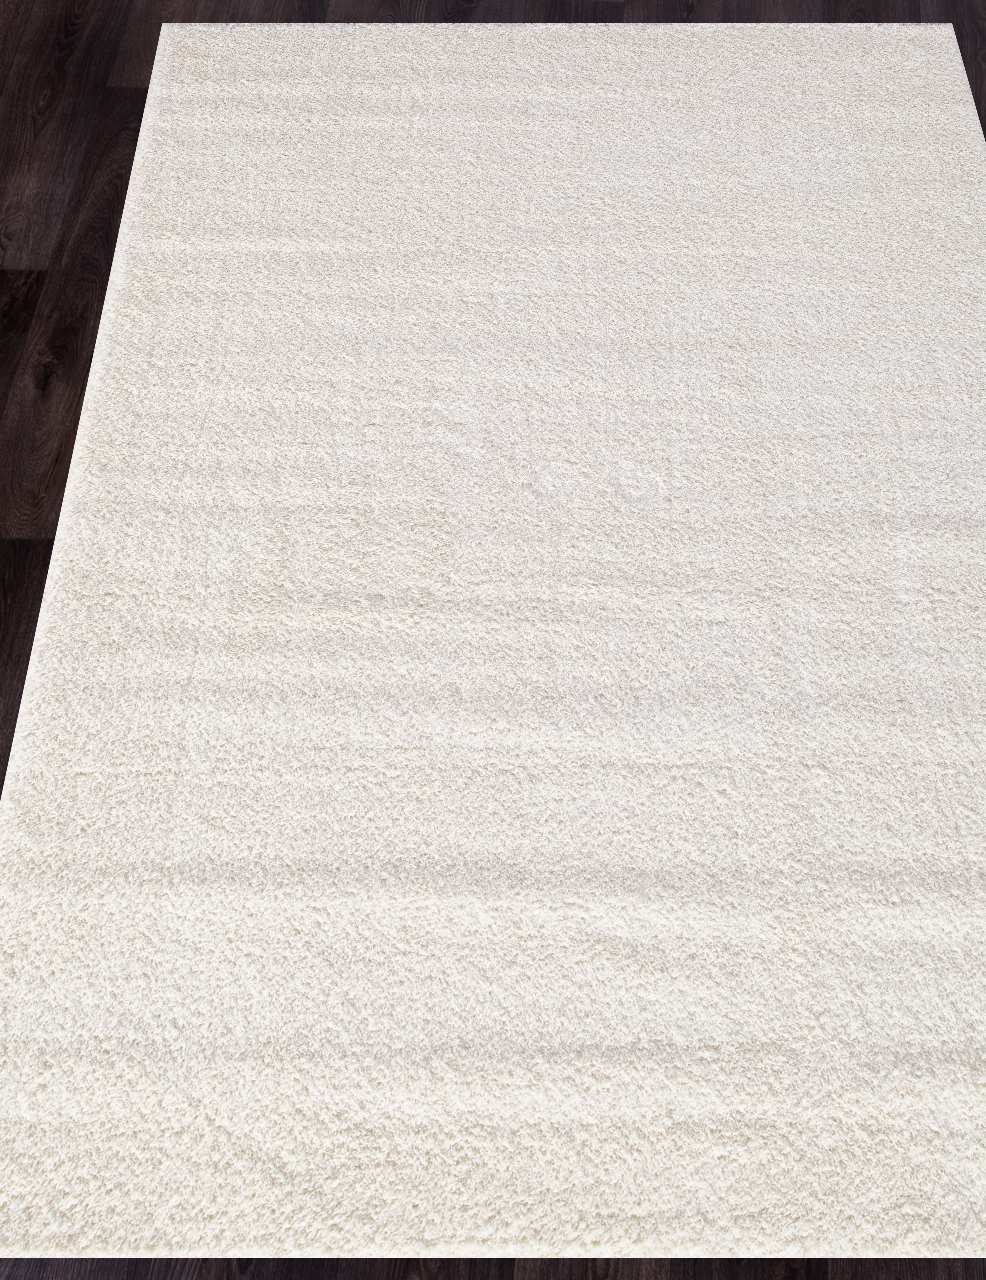 Ковер 80084 - 060 - Прямоугольник - коллекция SOFI - фото 1